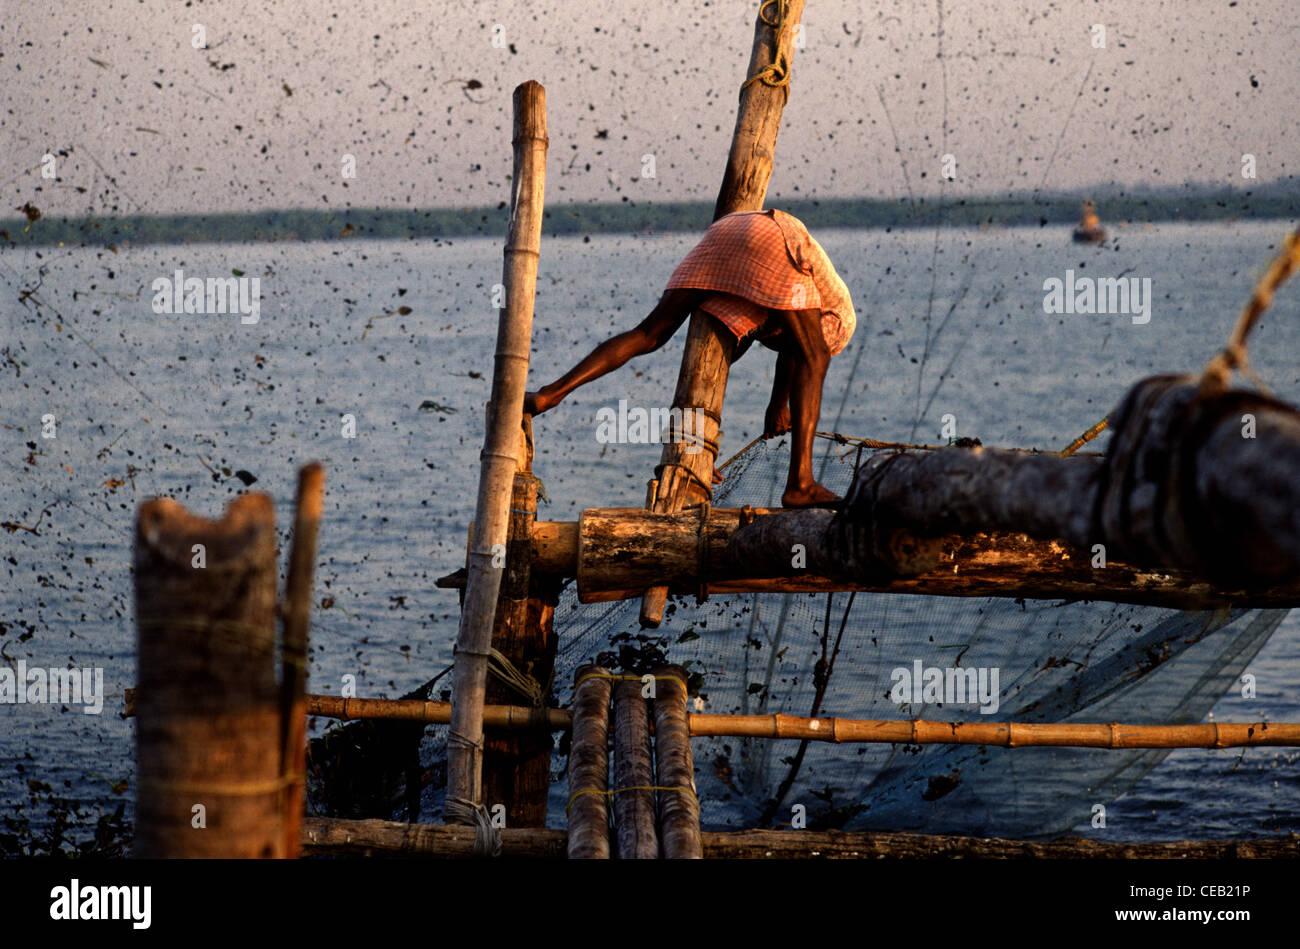 Un pescatore usando un cinese tradizionale reti per catturare i pesci a Kochi Kerala Stato. India del sud Immagini Stock